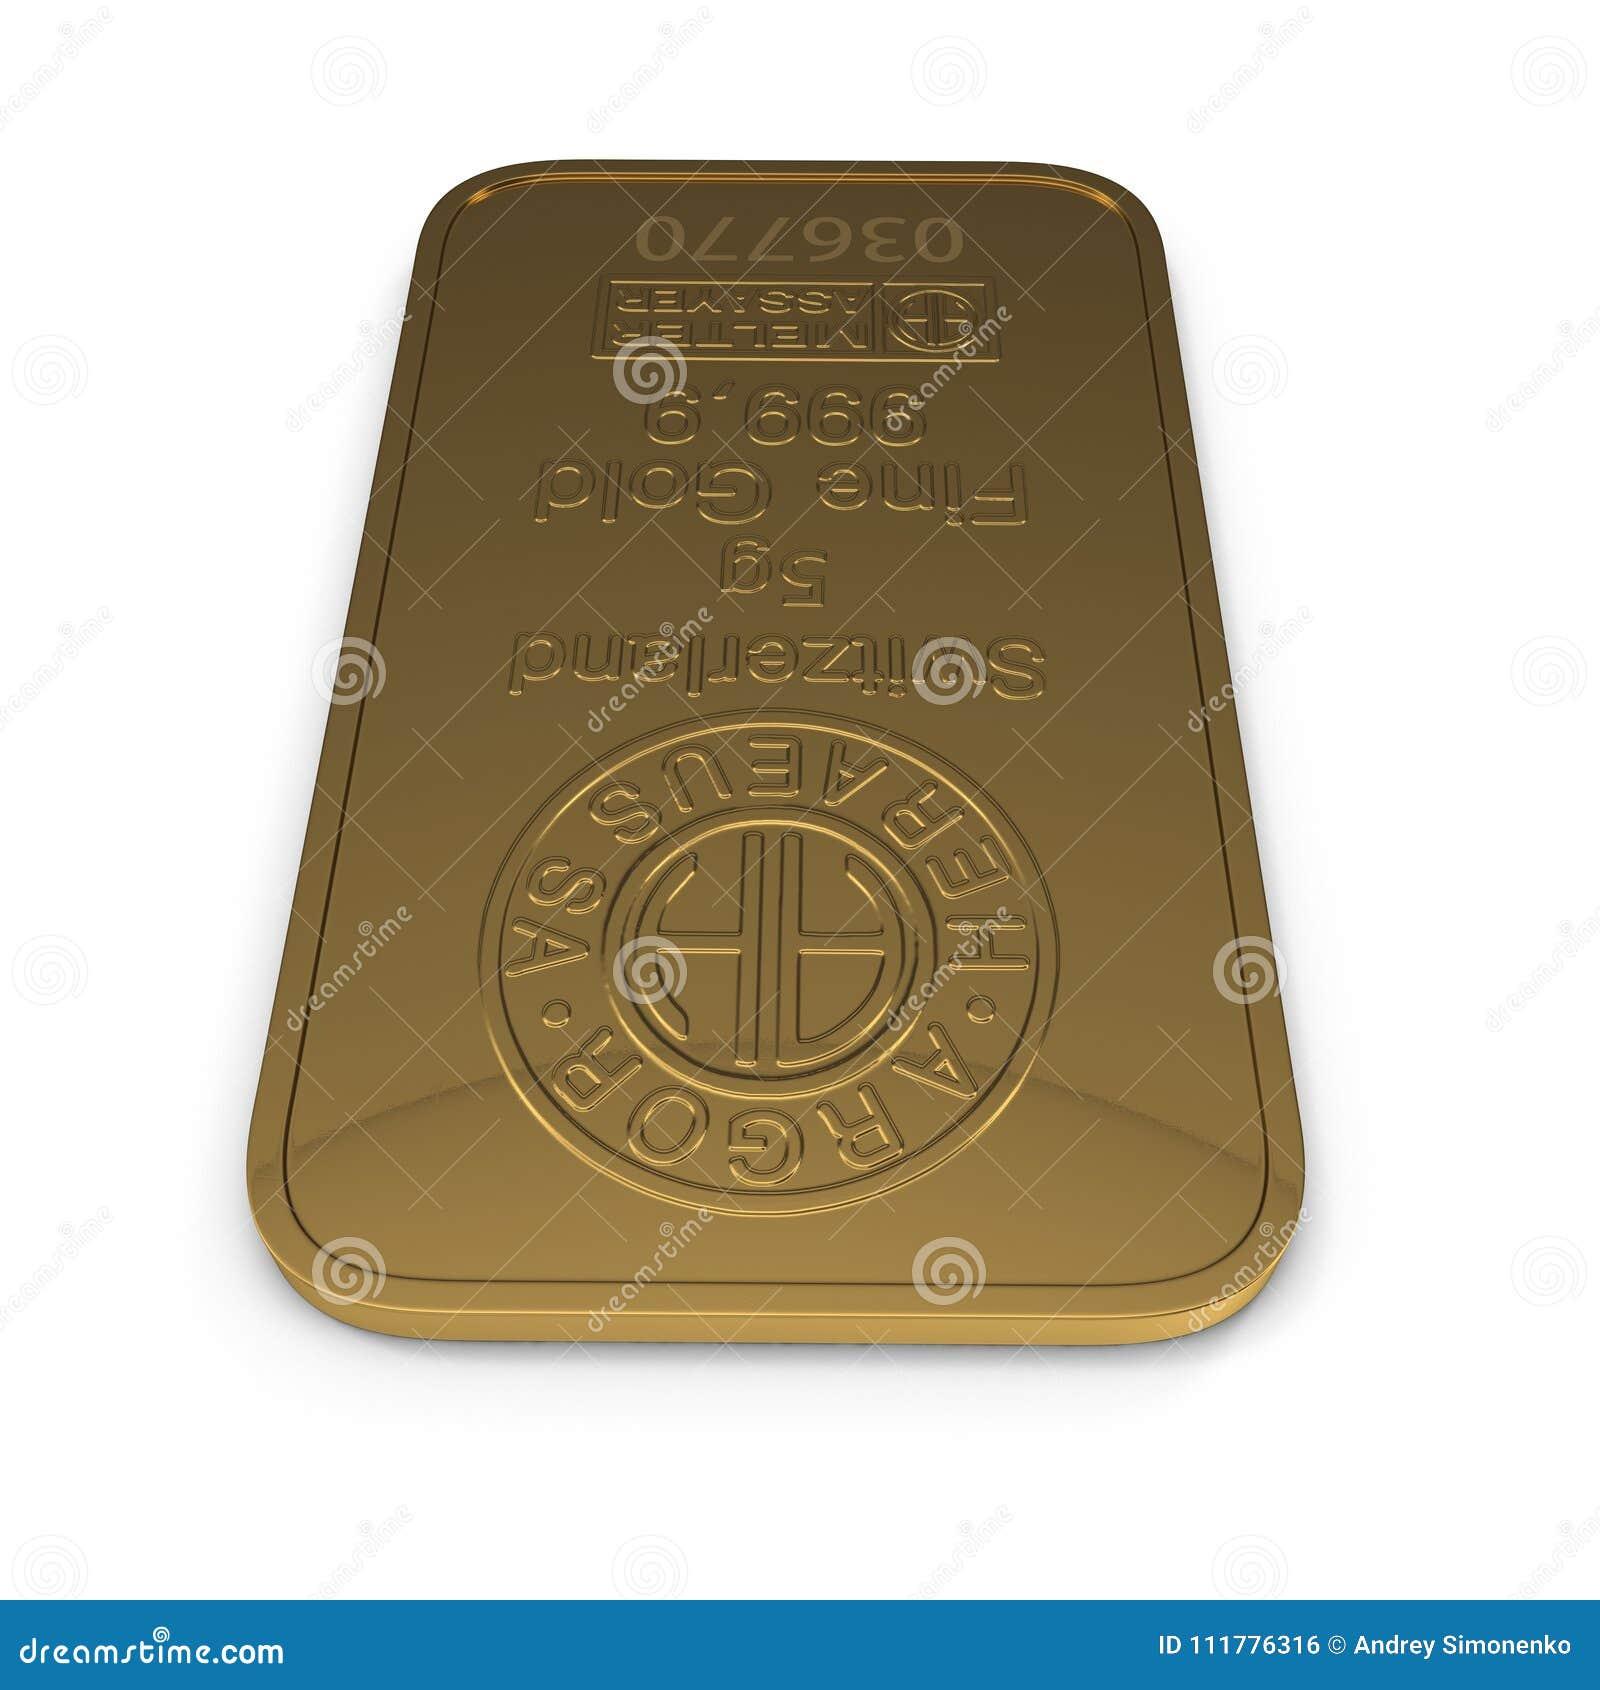 Gold bar 5g isolated on white. 3D illustration